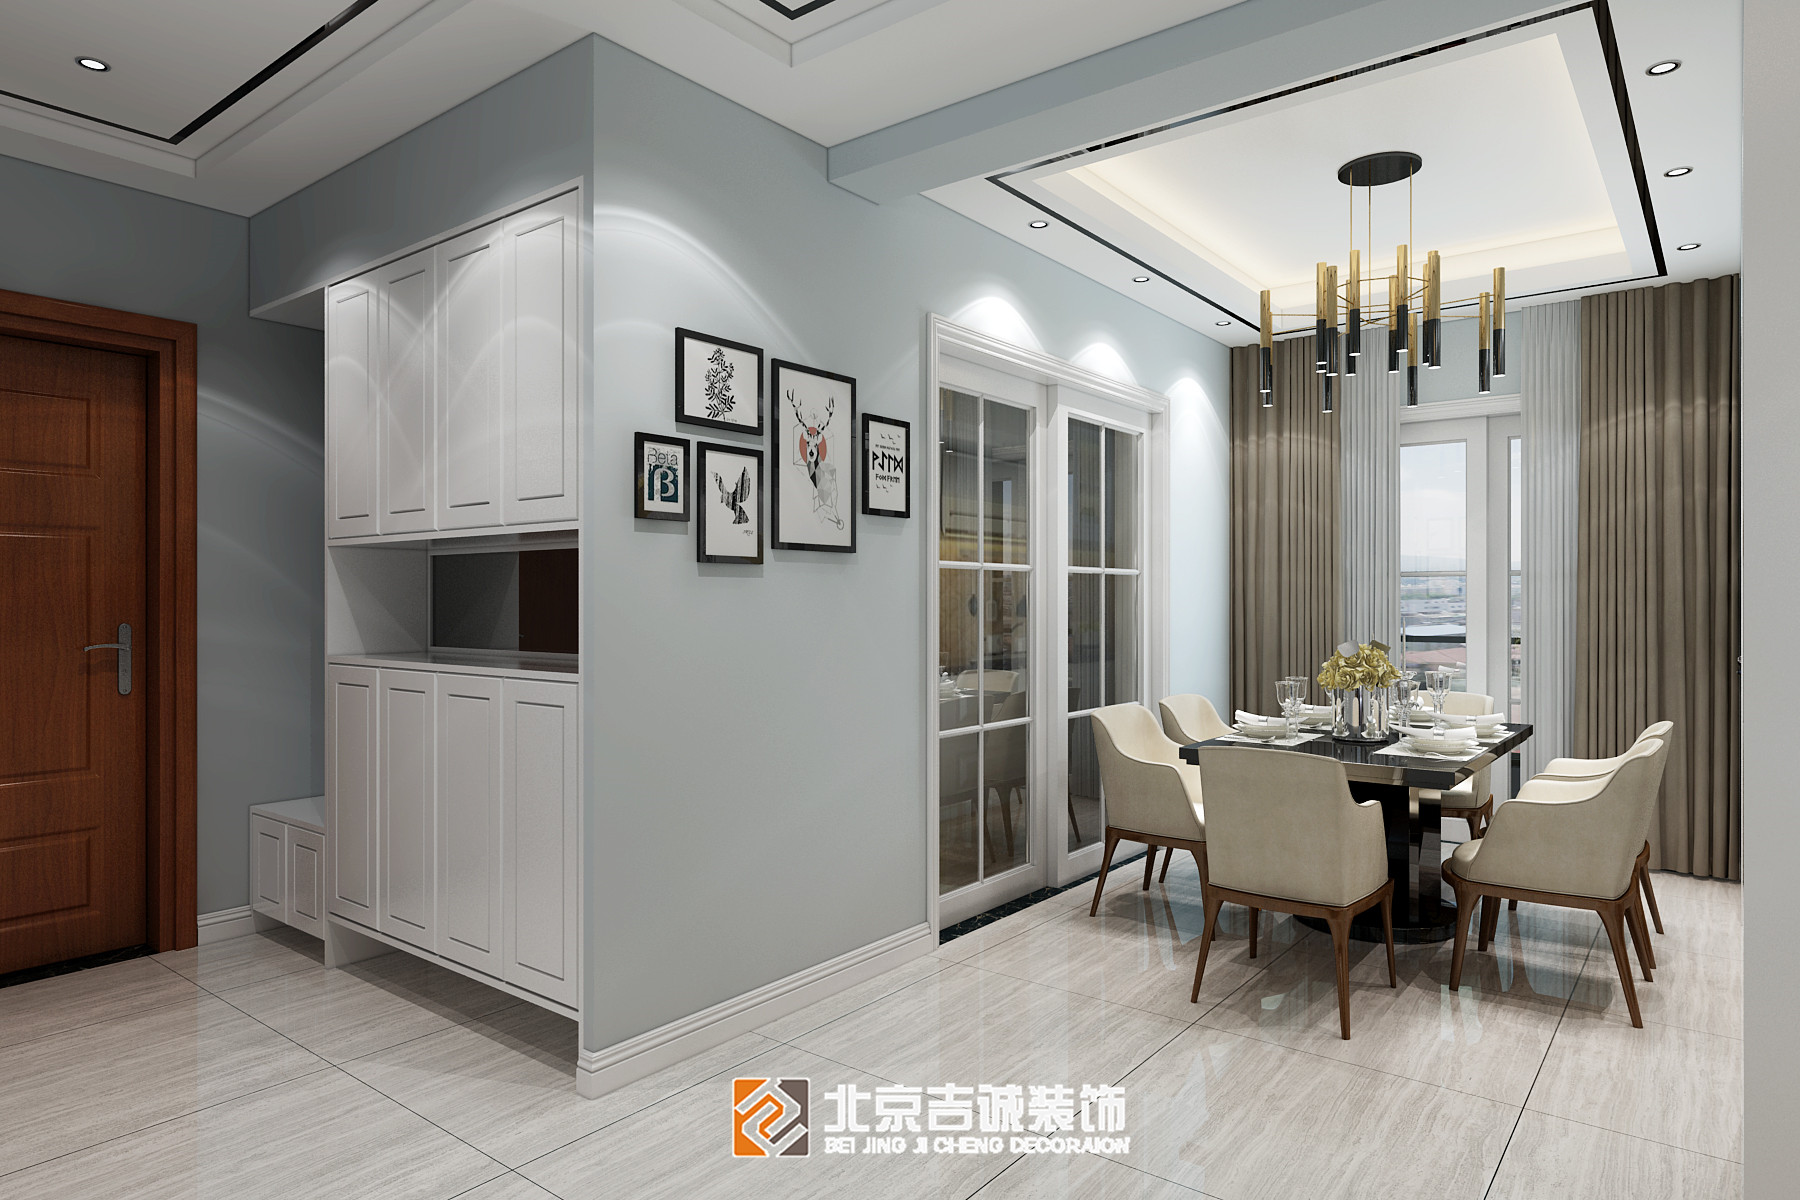 [装修案例]荆门荆门西山林语124平米现代风格装修效果图 黑白灰的高冷时尚